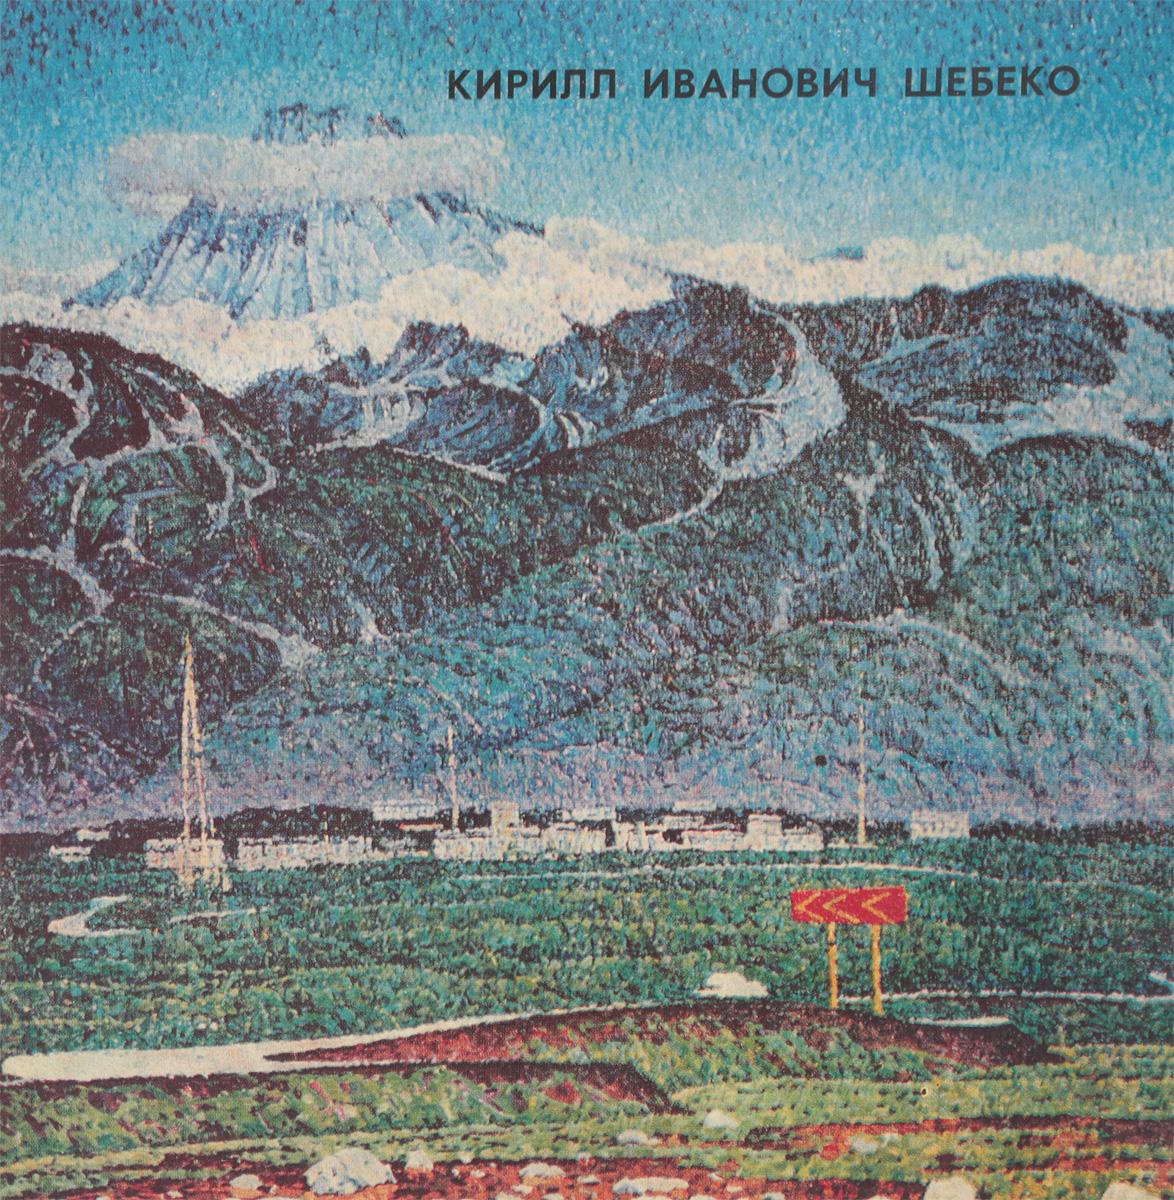 Кирилл Иванович Шебеко. Каталог